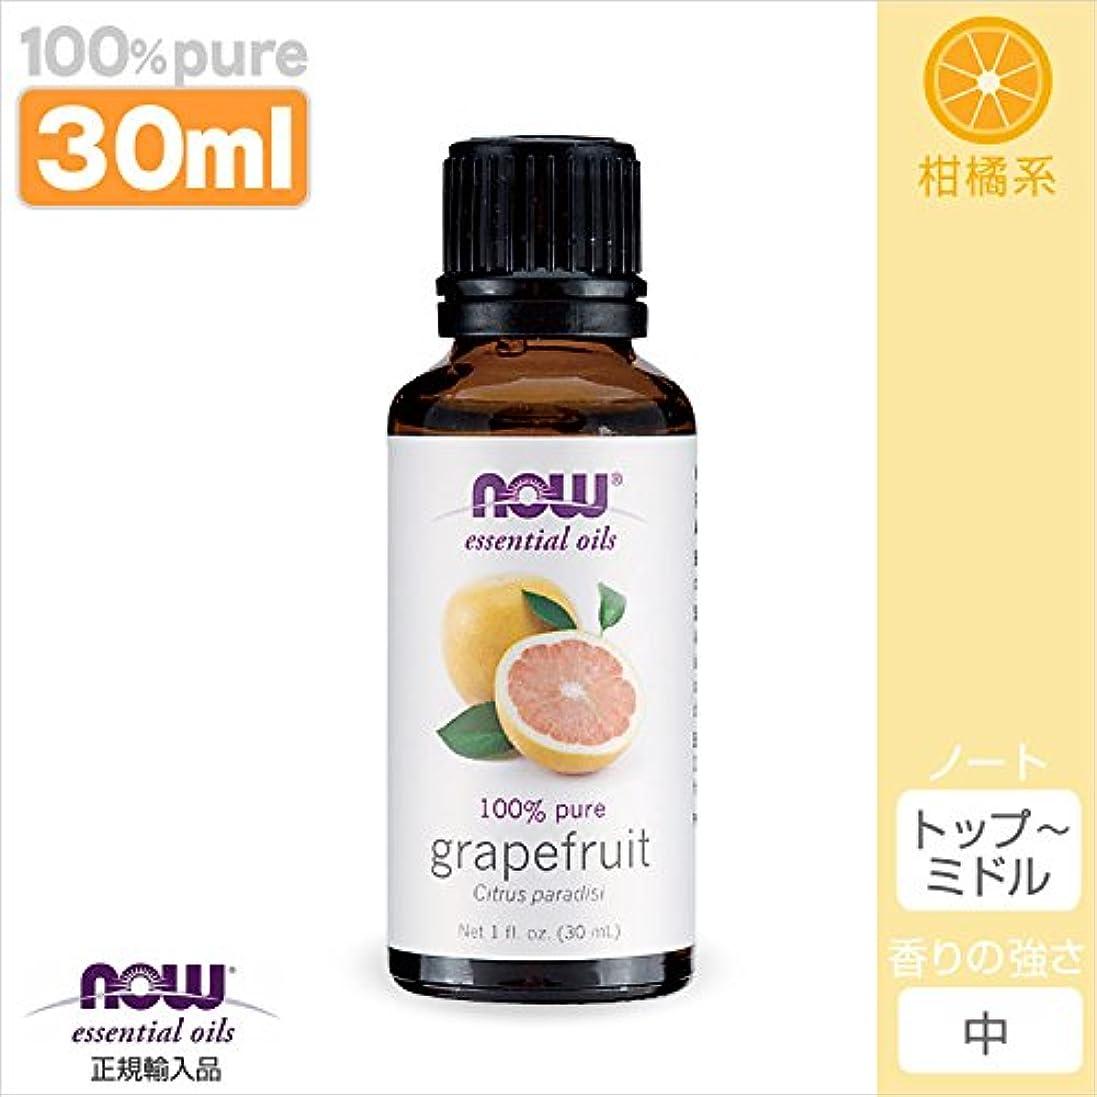 塩辛い忠実なドルグレープフルーツ精油[30ml] 【正規輸入品】 NOWエッセンシャルオイル(アロマオイル)